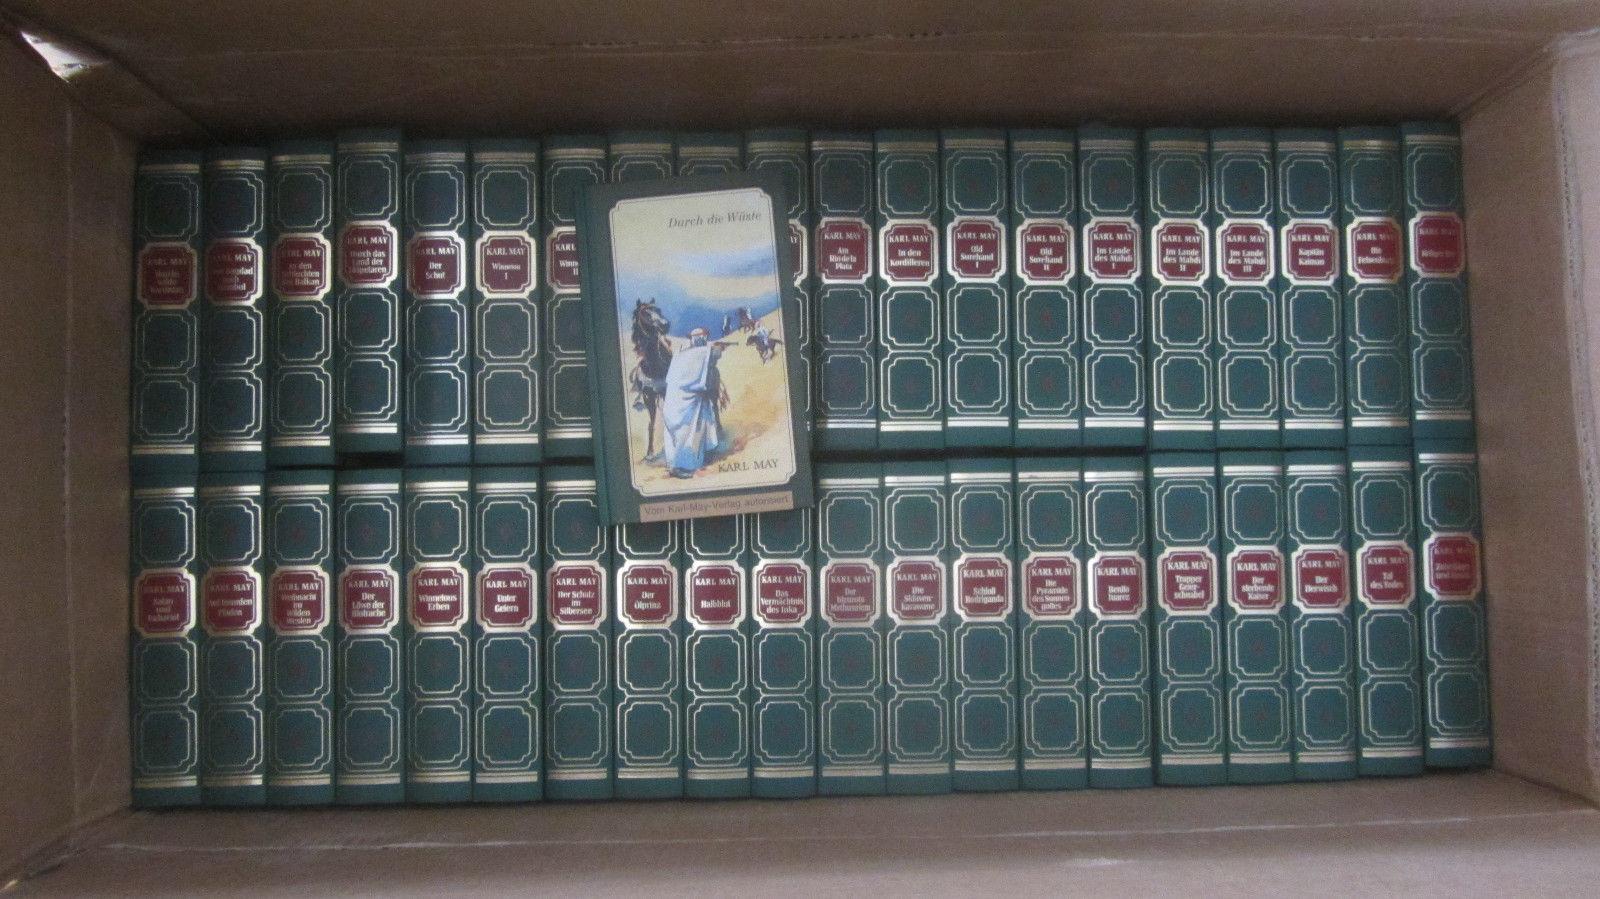 Karl May, komplette Sammlung, alle 41 Ausgaben des Tosa-Verlags, gut erhalten